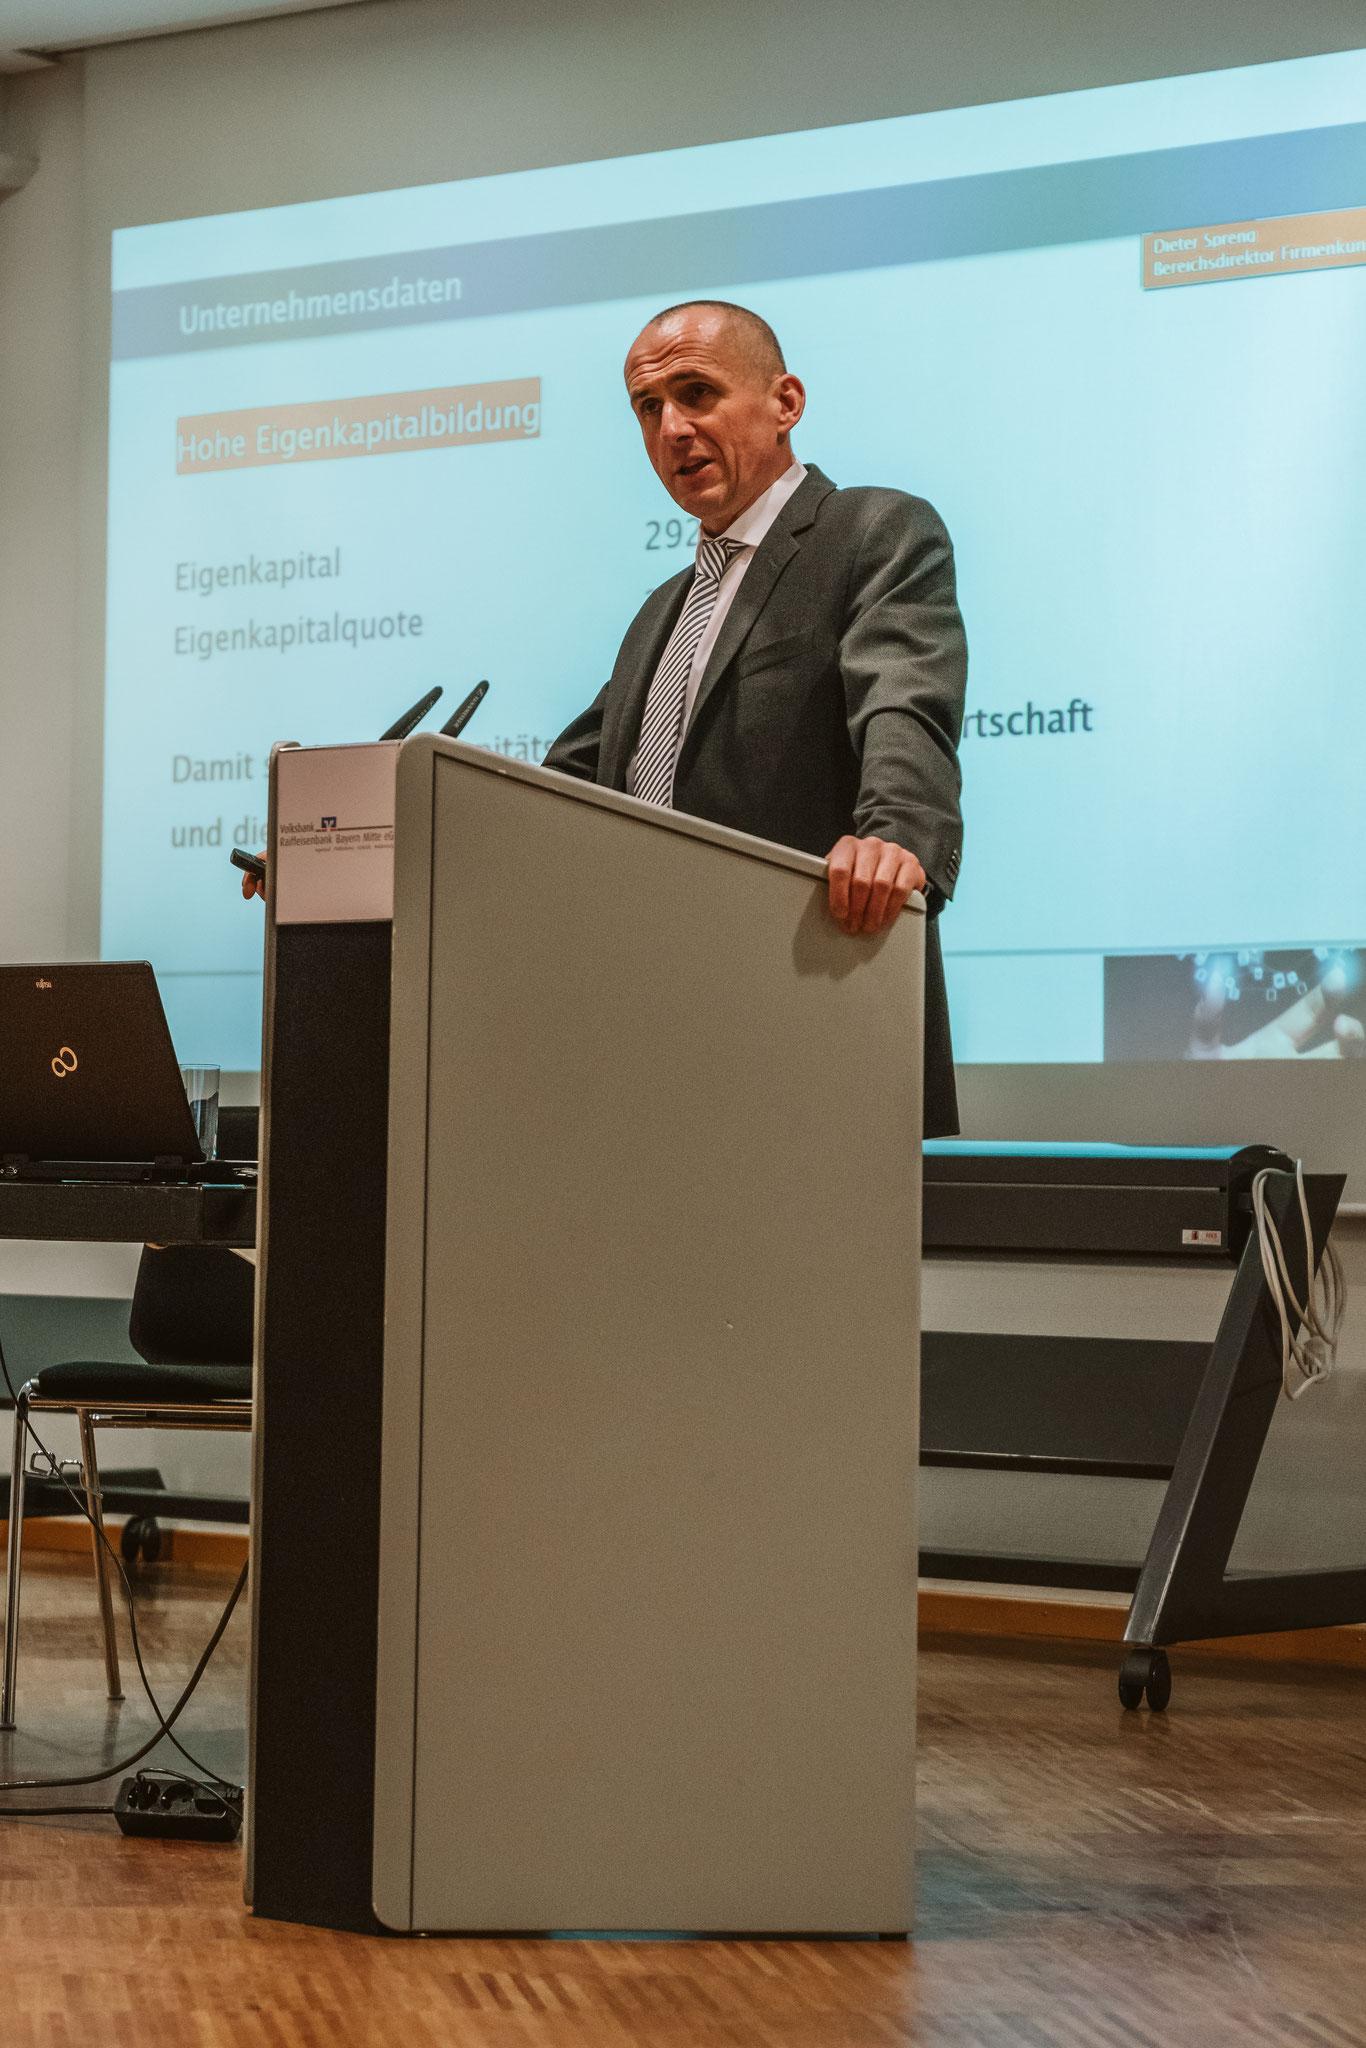 Dieter Spreng, Bereichsdirektor Firmenkunden, präsentiert Zahlen der Raiffeisenbank Bayern Mitte